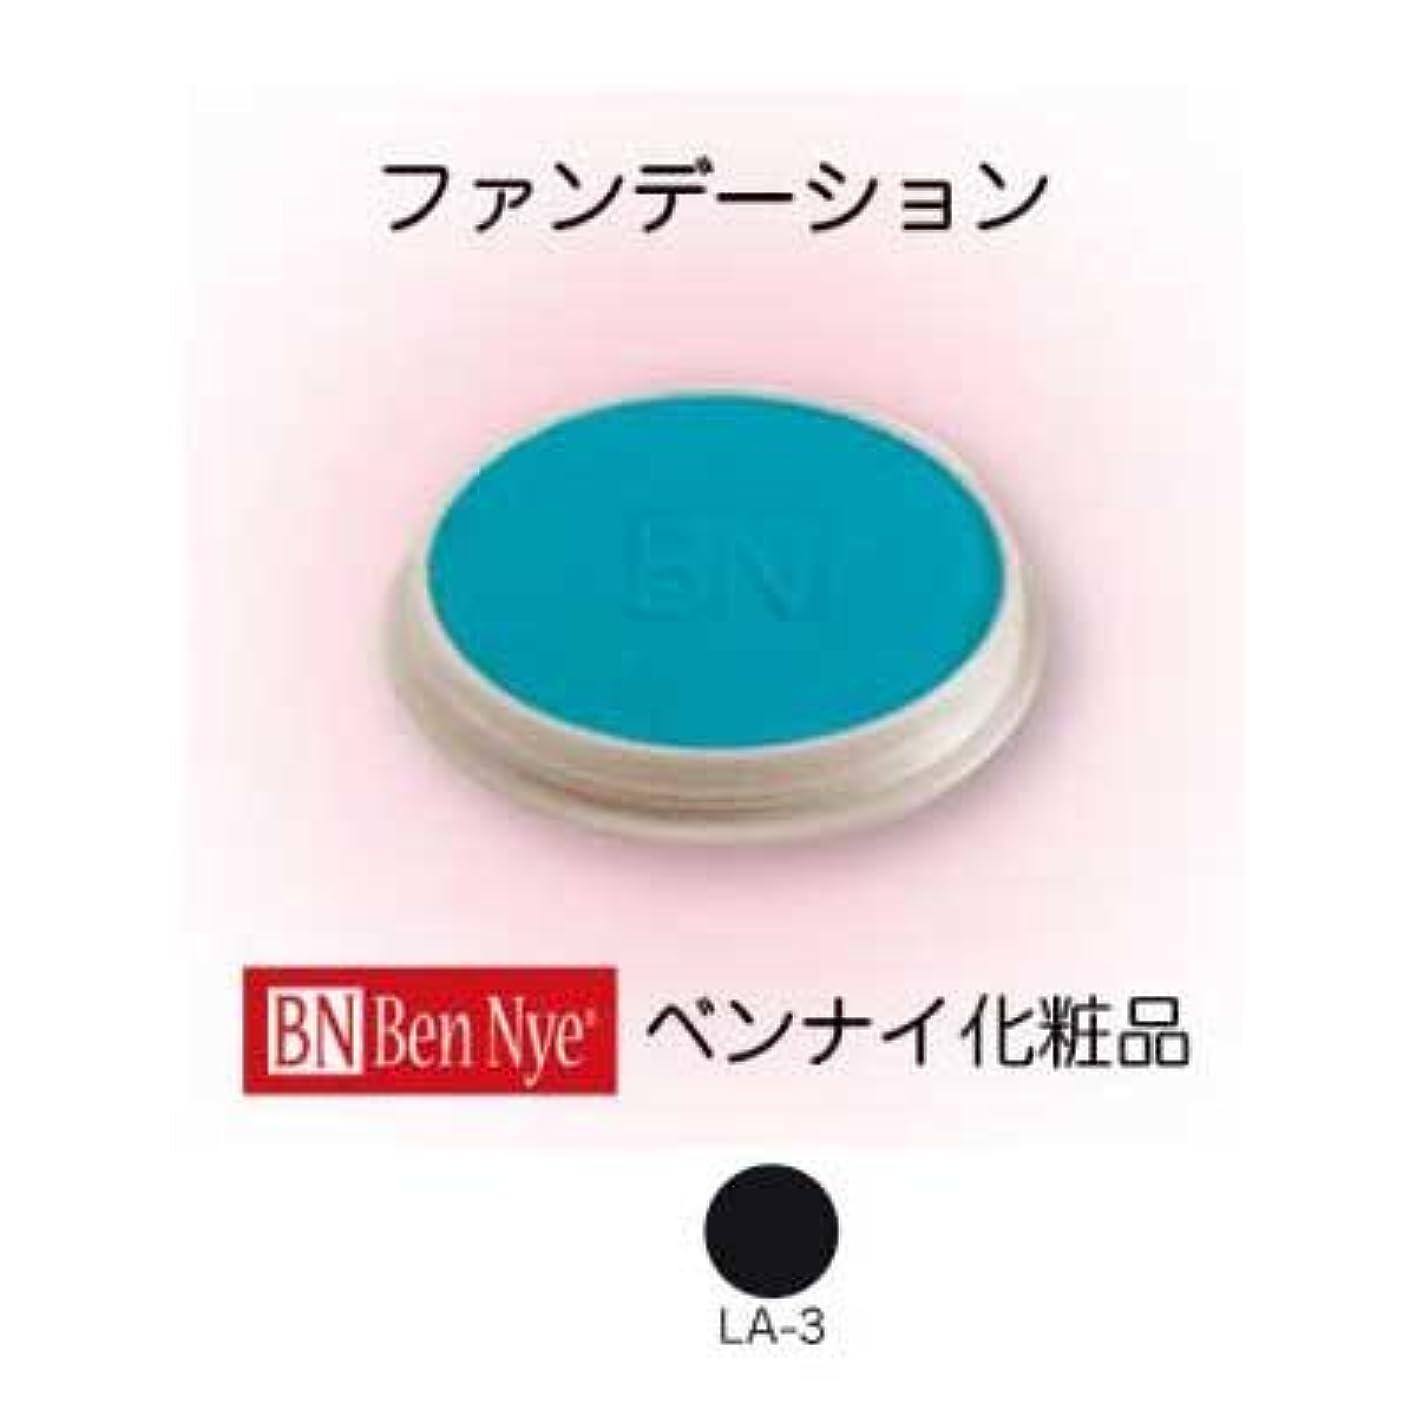 ブルゴーニュ悪意のある本マジケーキ LA-3【ベンナイ化粧品】